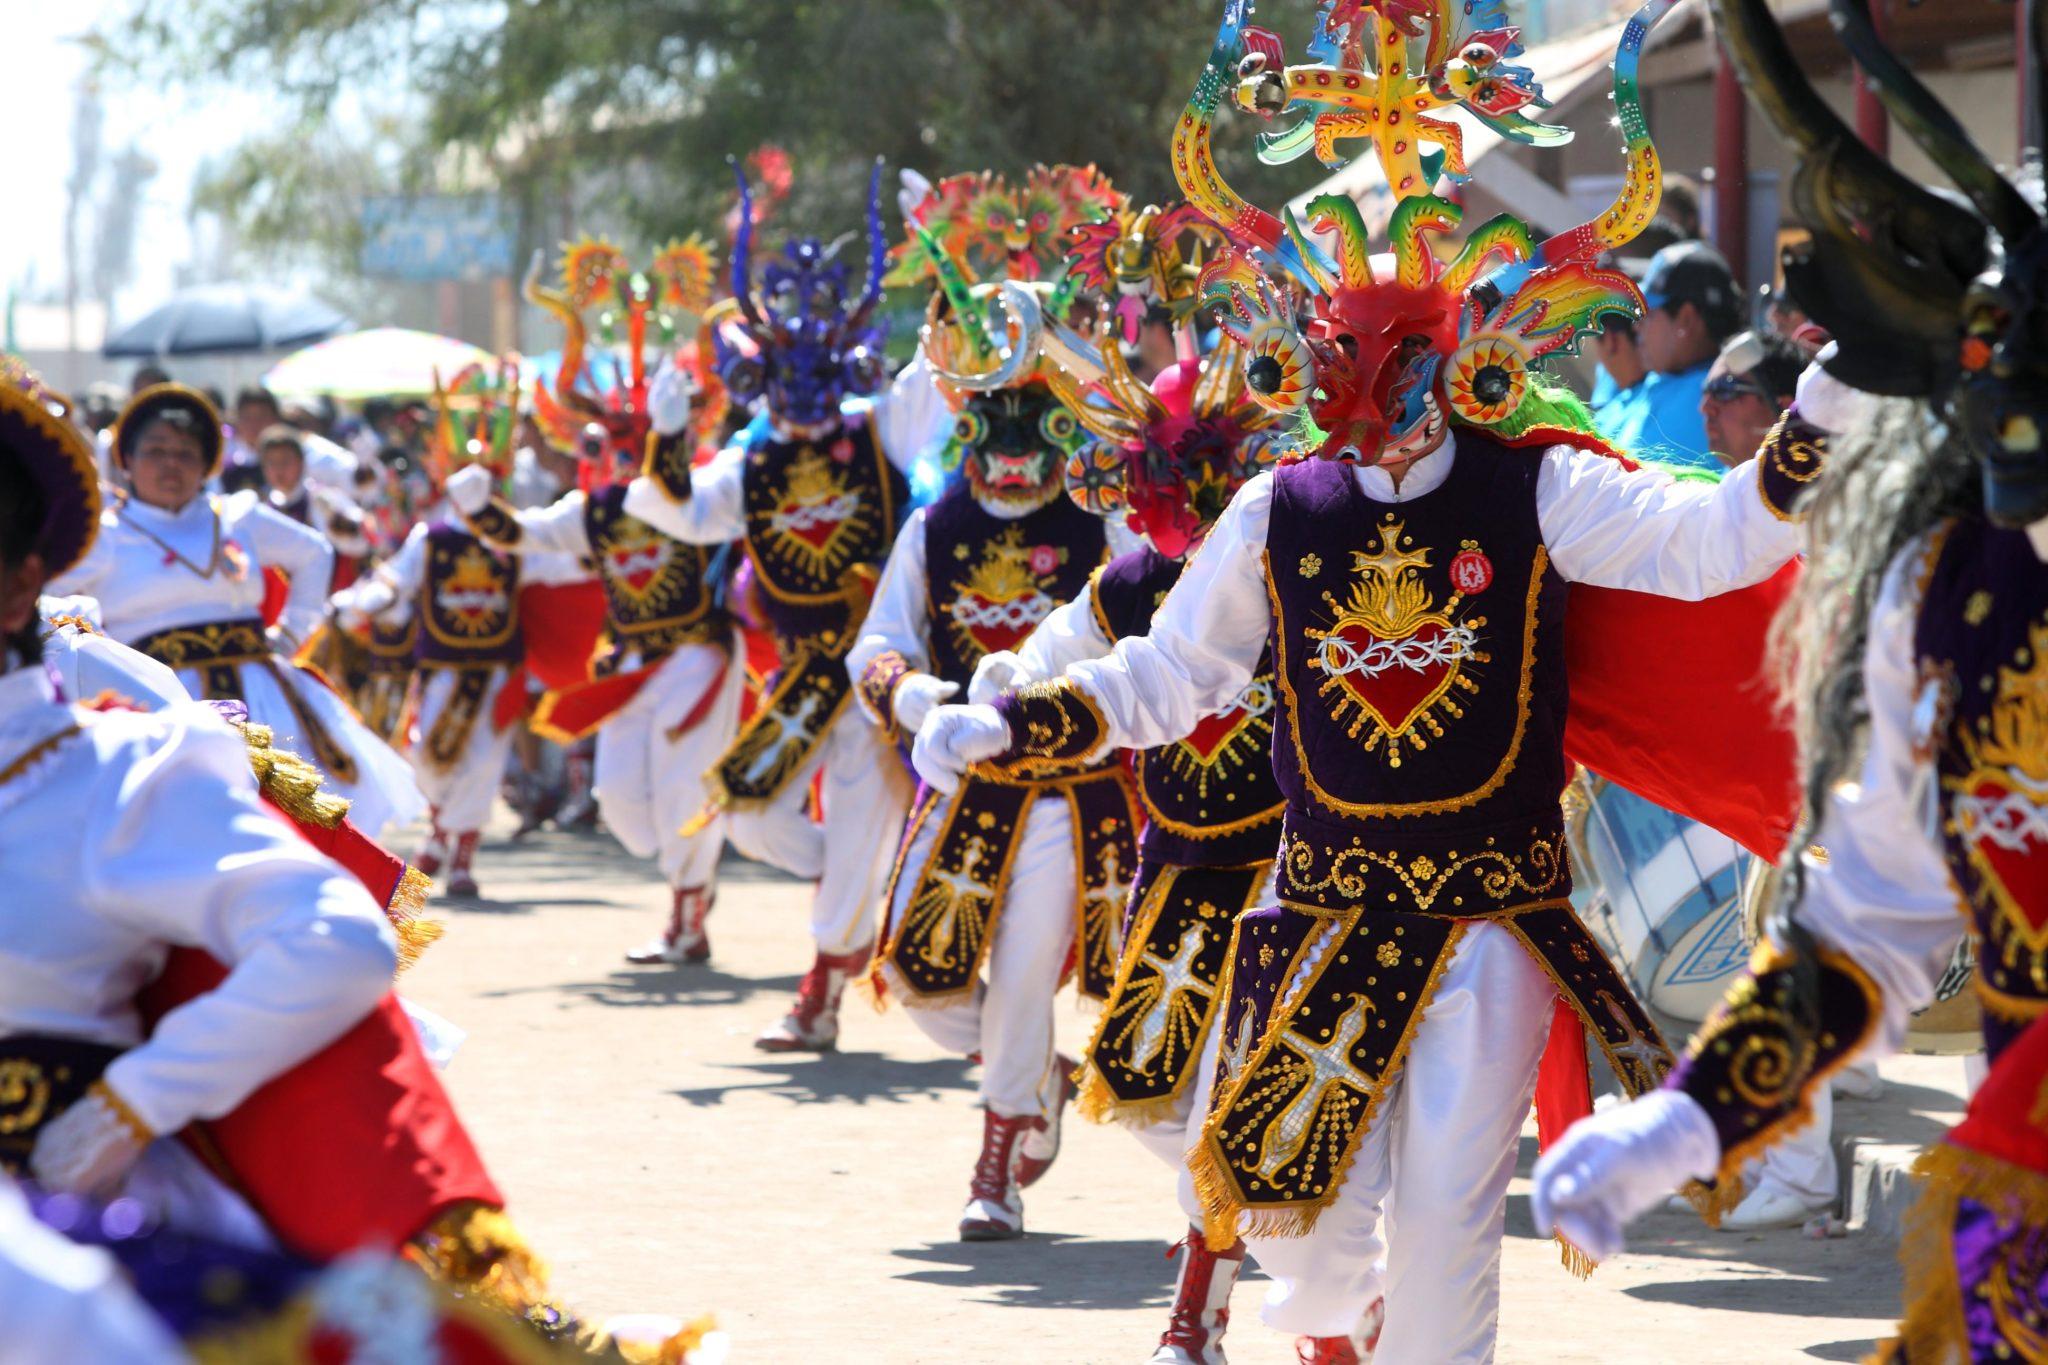 Fiesta La Tirana